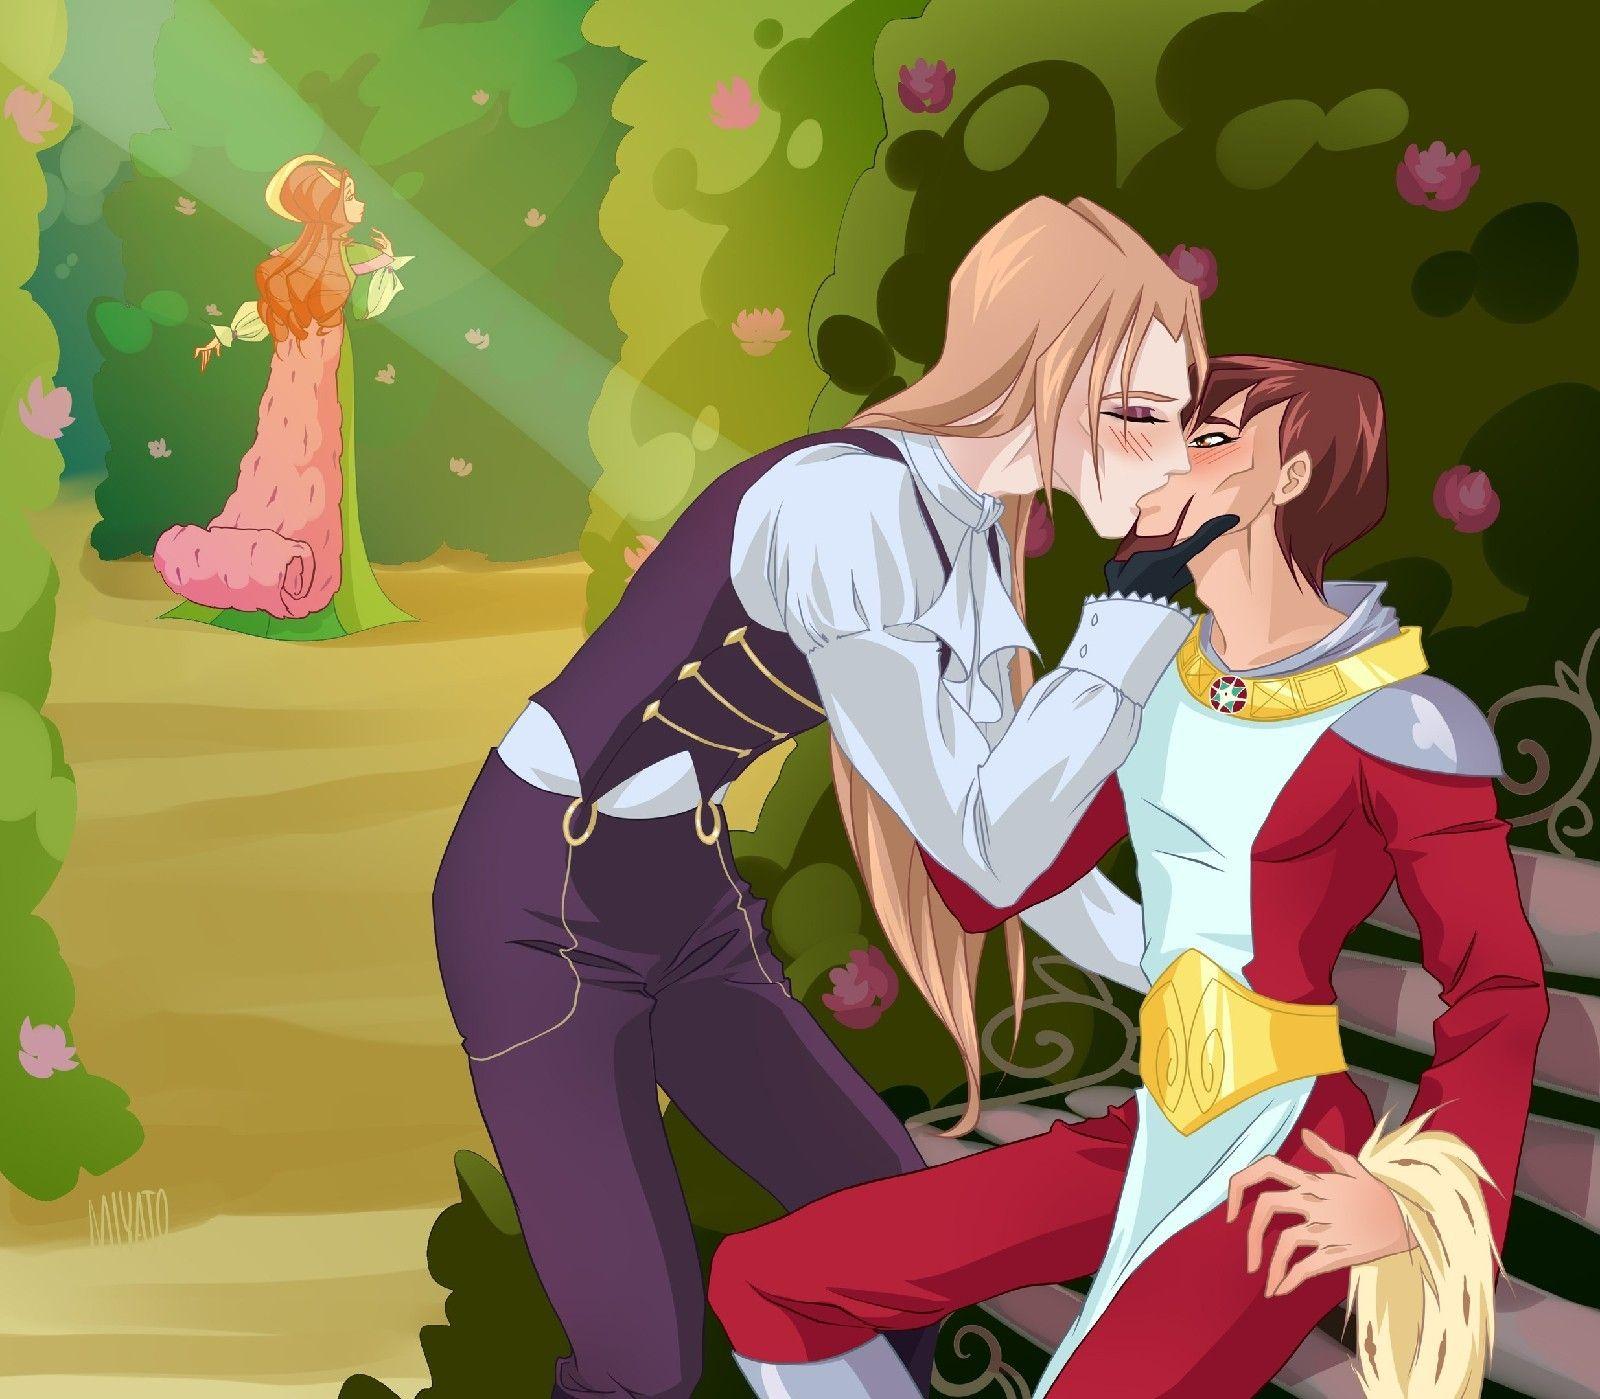 временем, картинки поцелуй валтора словам актрисы, она